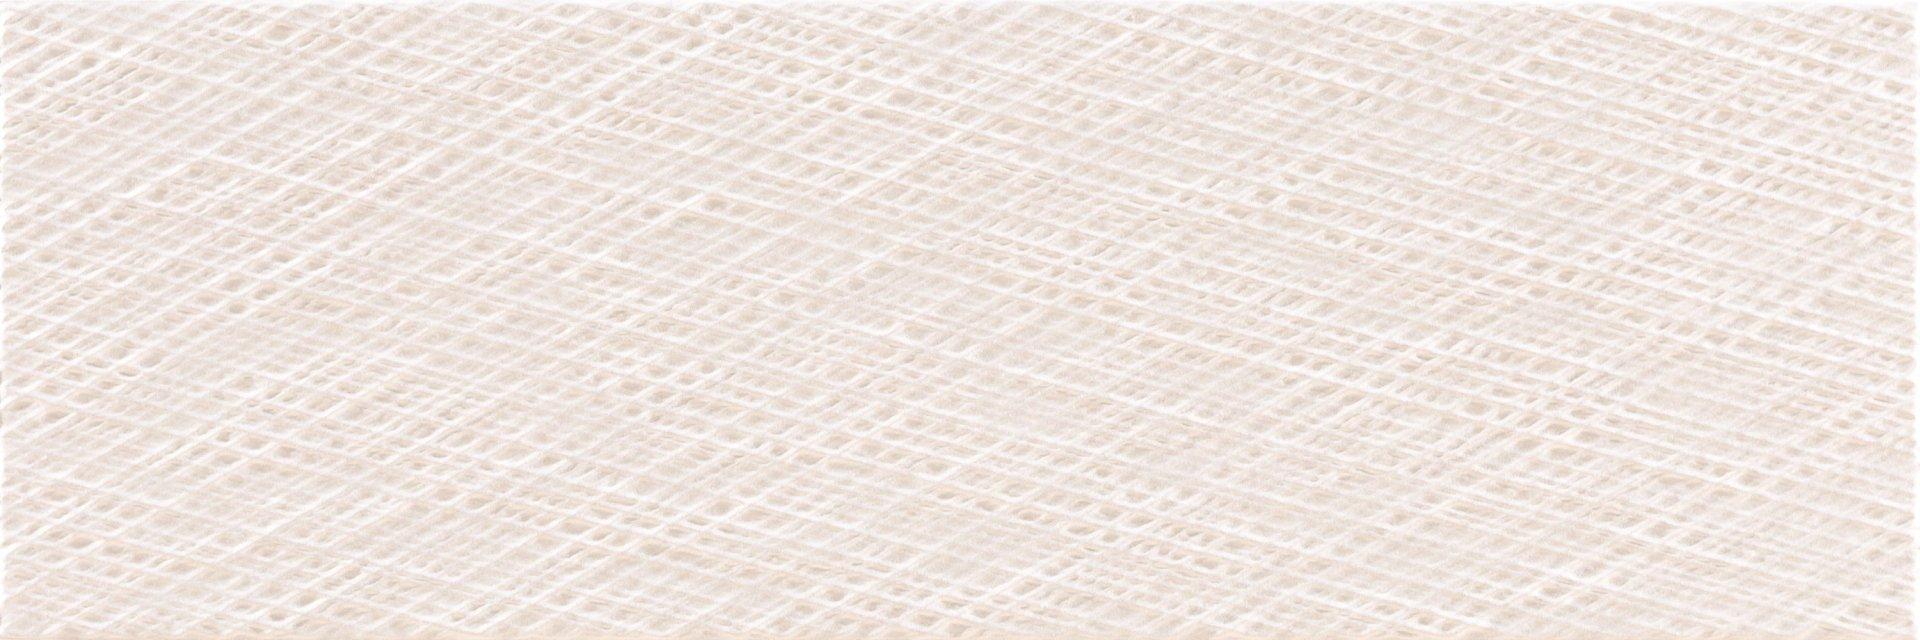 Faianță pentru baie Pamesa Hayden Relief Neutro 200x600 texturată și satin gri / 9